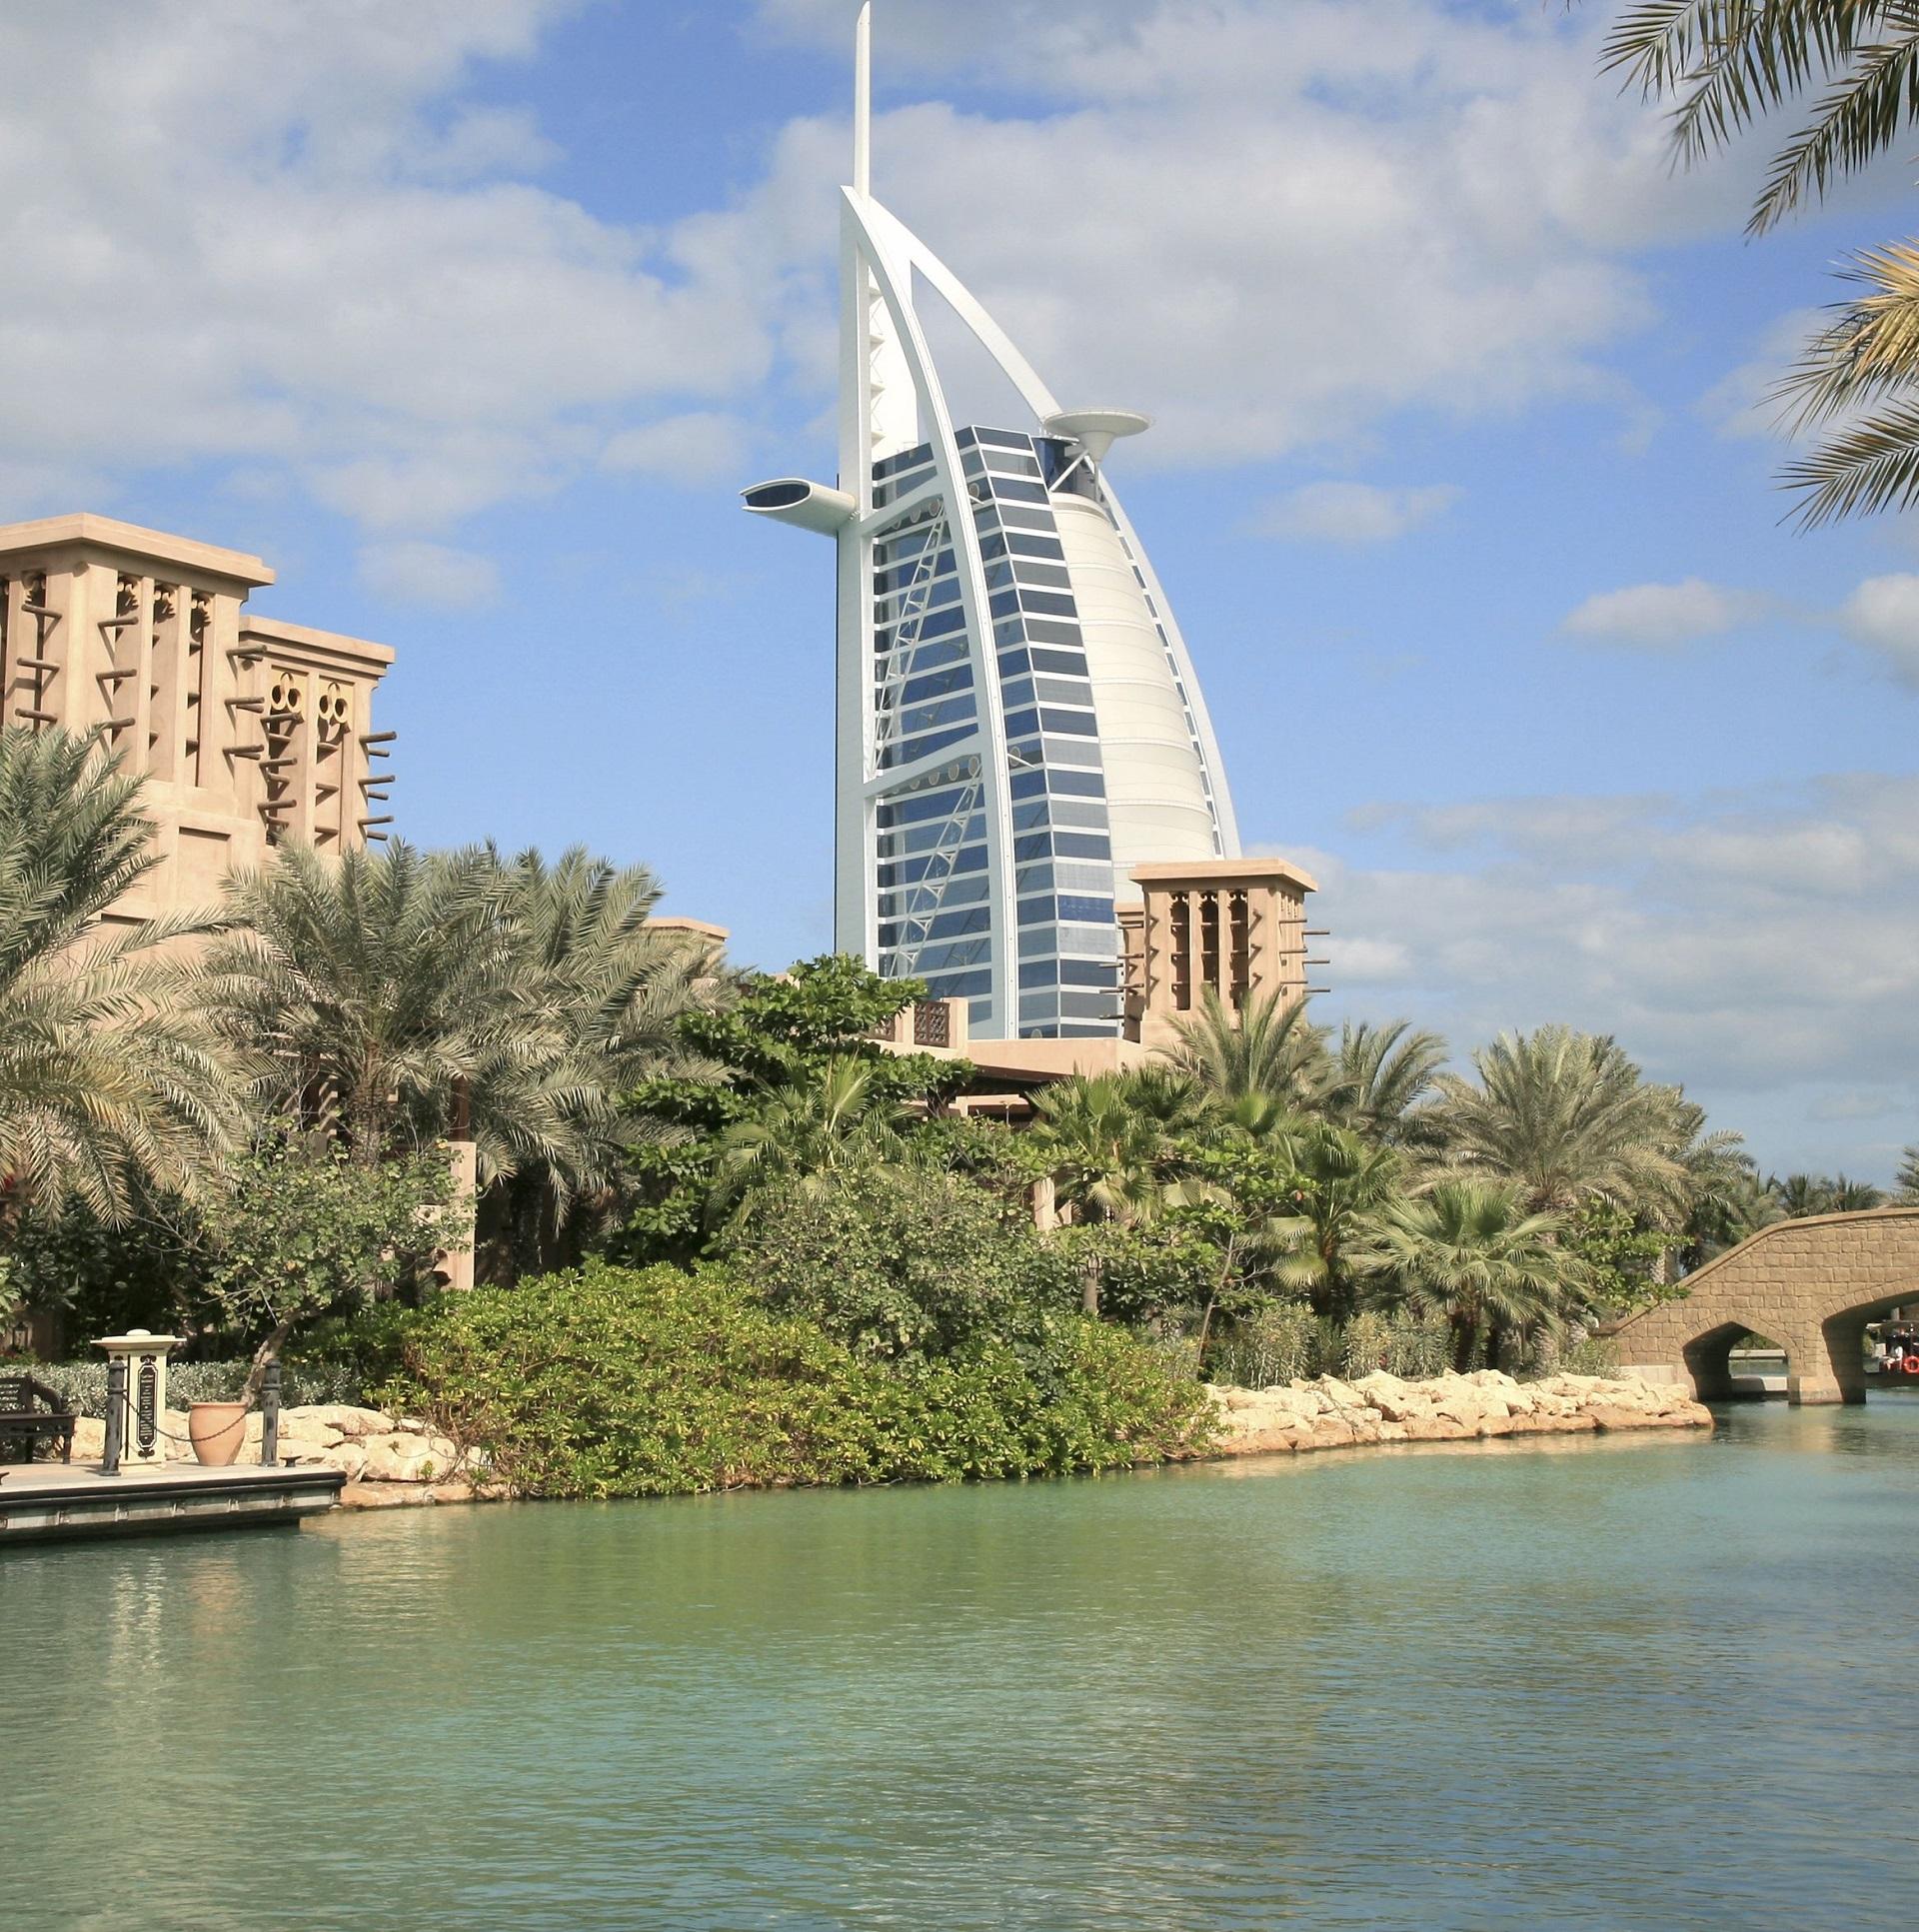 Dubai-varosnezes-2